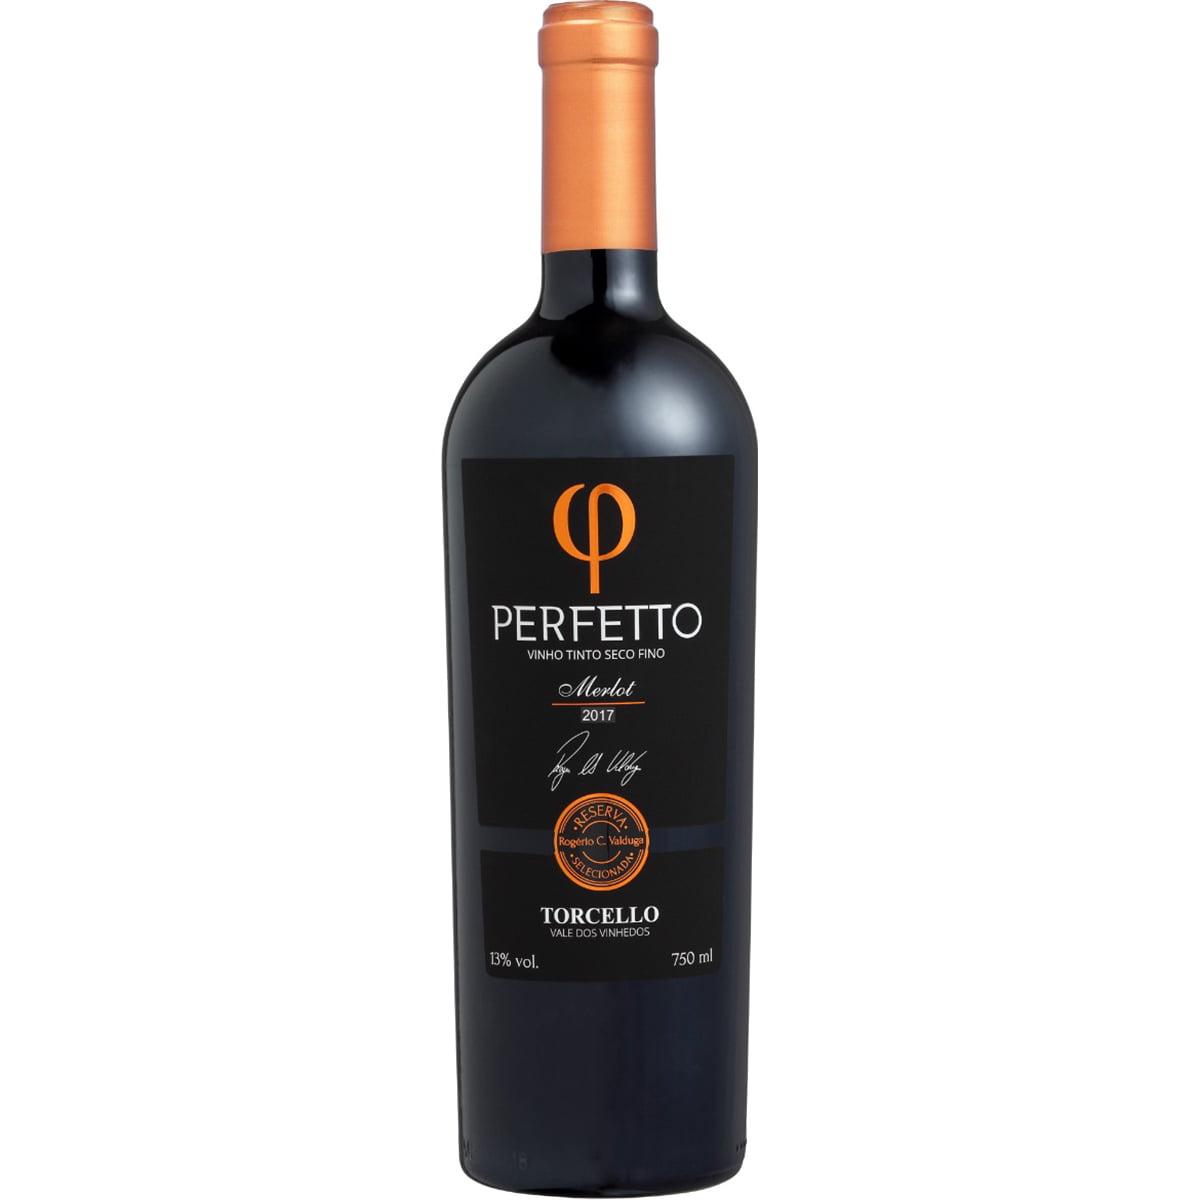 Vinho Torcello Perfetto Merlot 2017 Tinto Seco 750ml